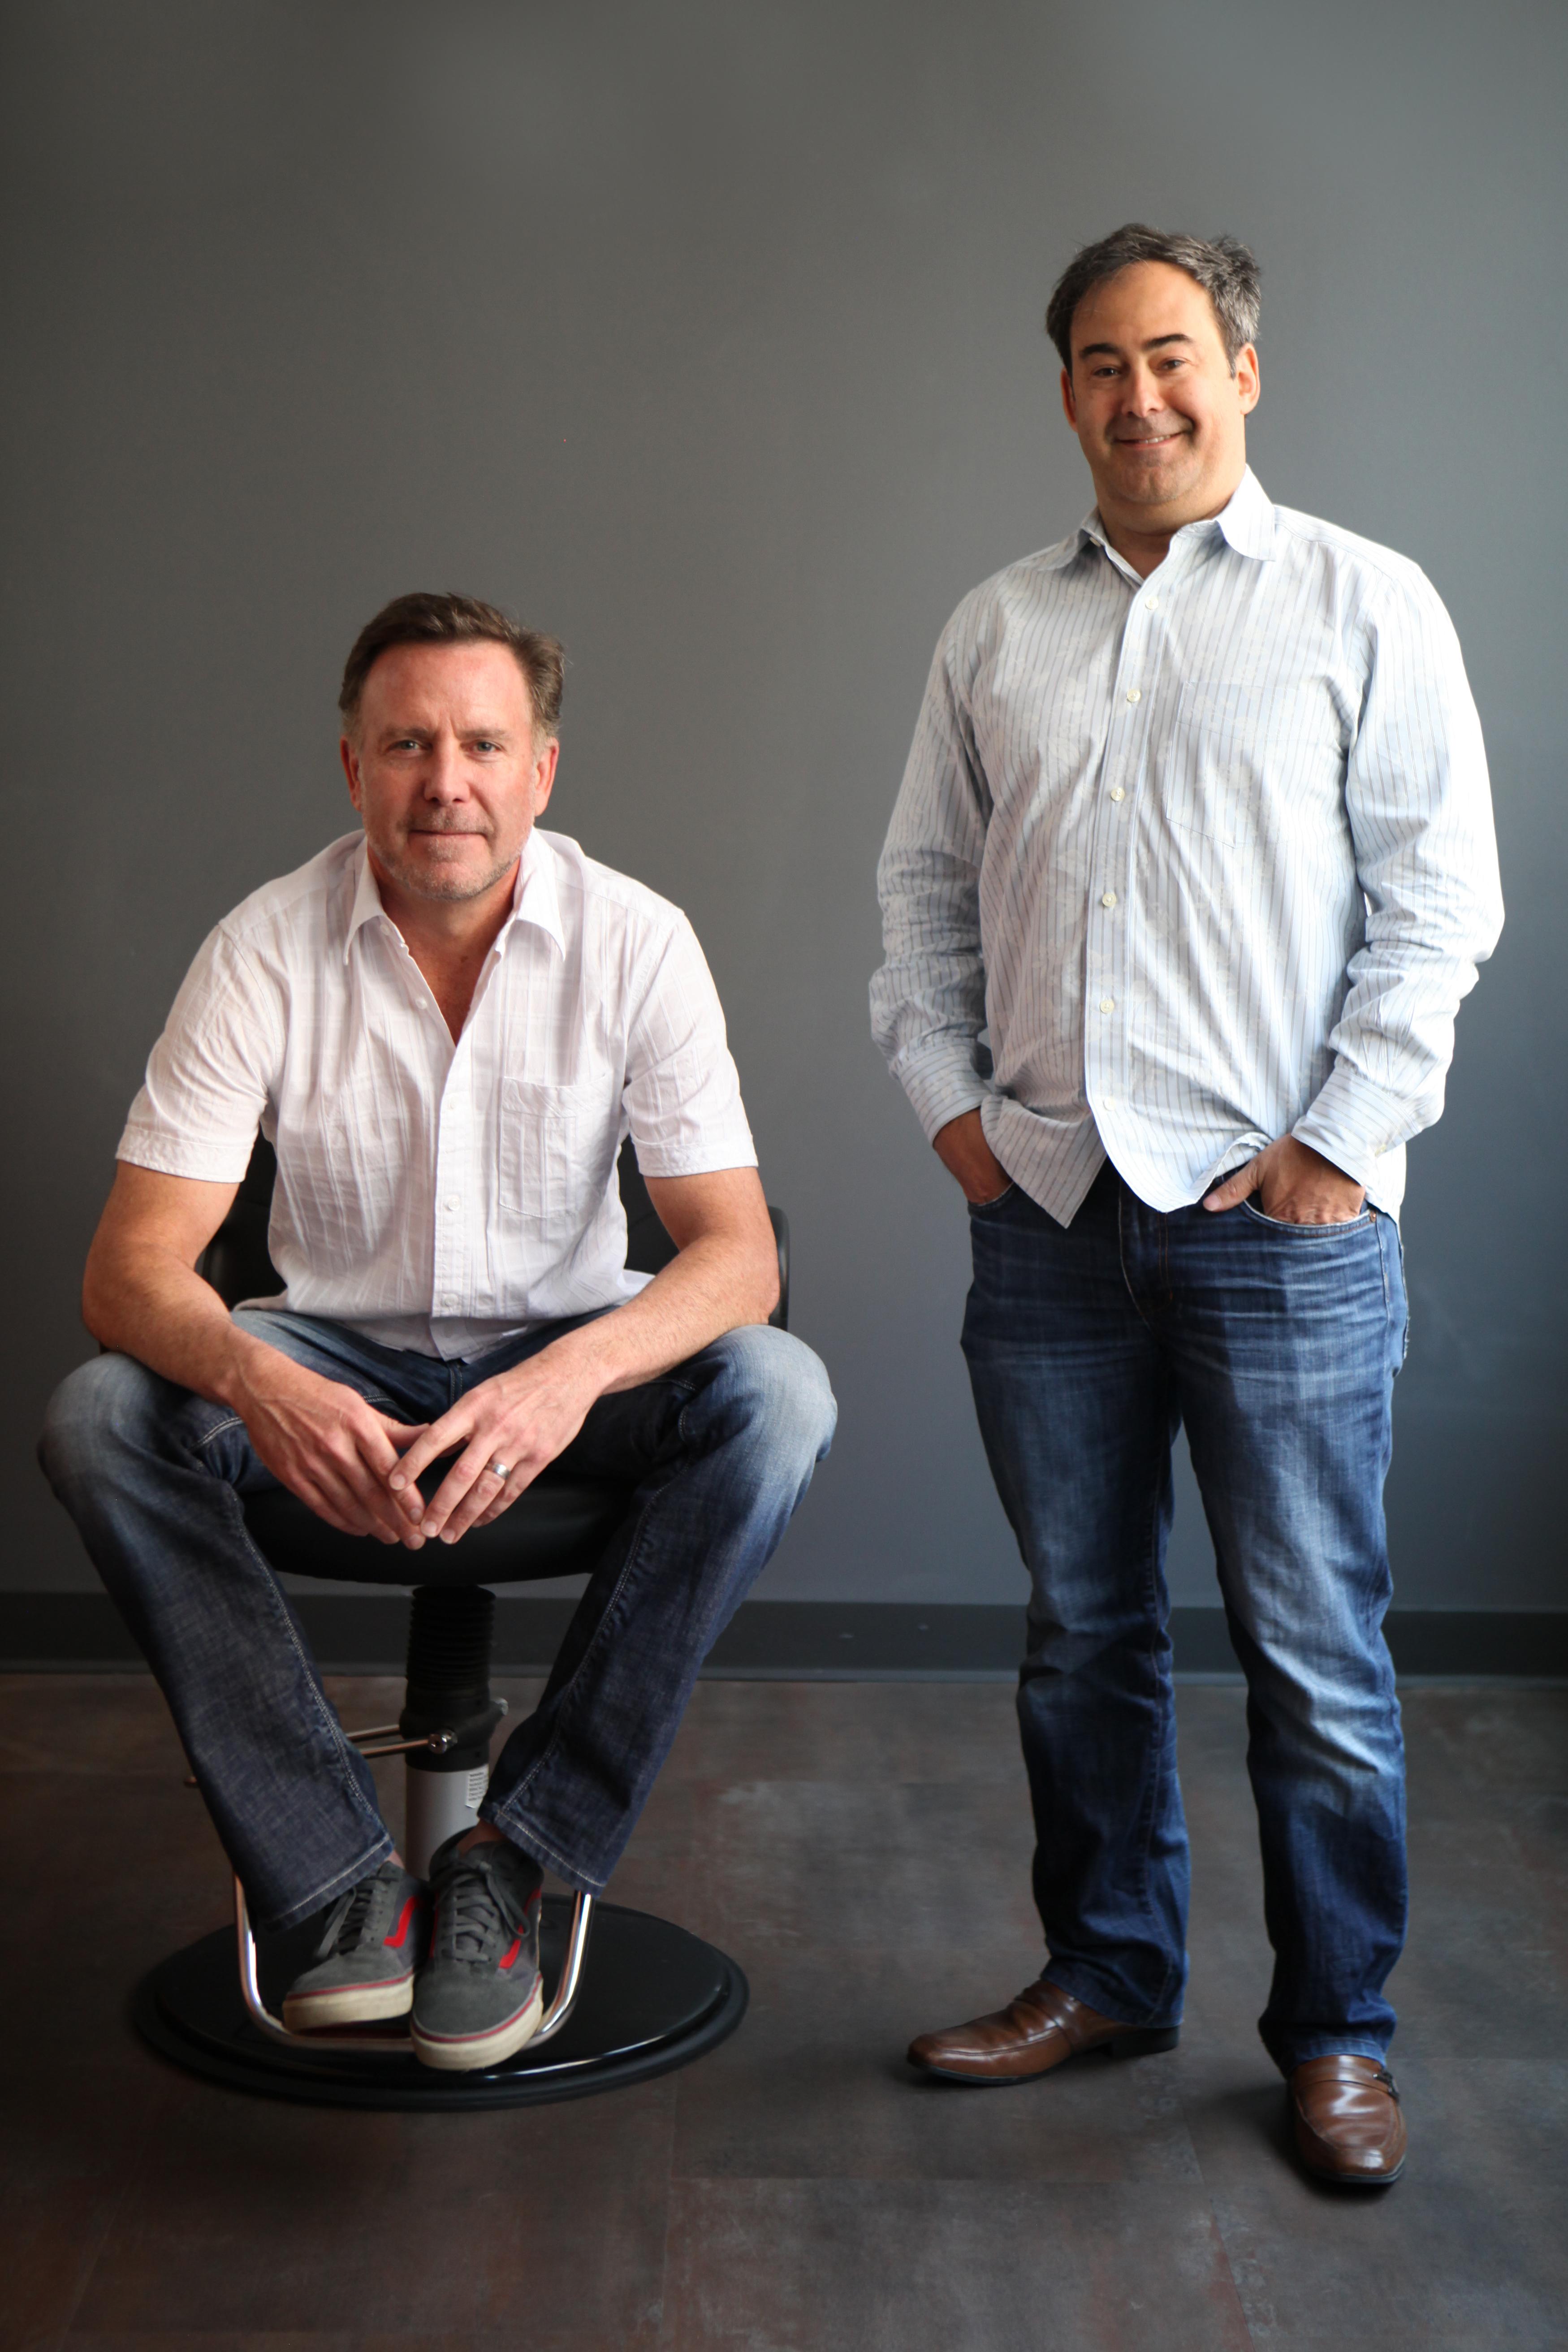 Sola Salon Studios founders Stratton Smith (left)and Matt Briger (right)